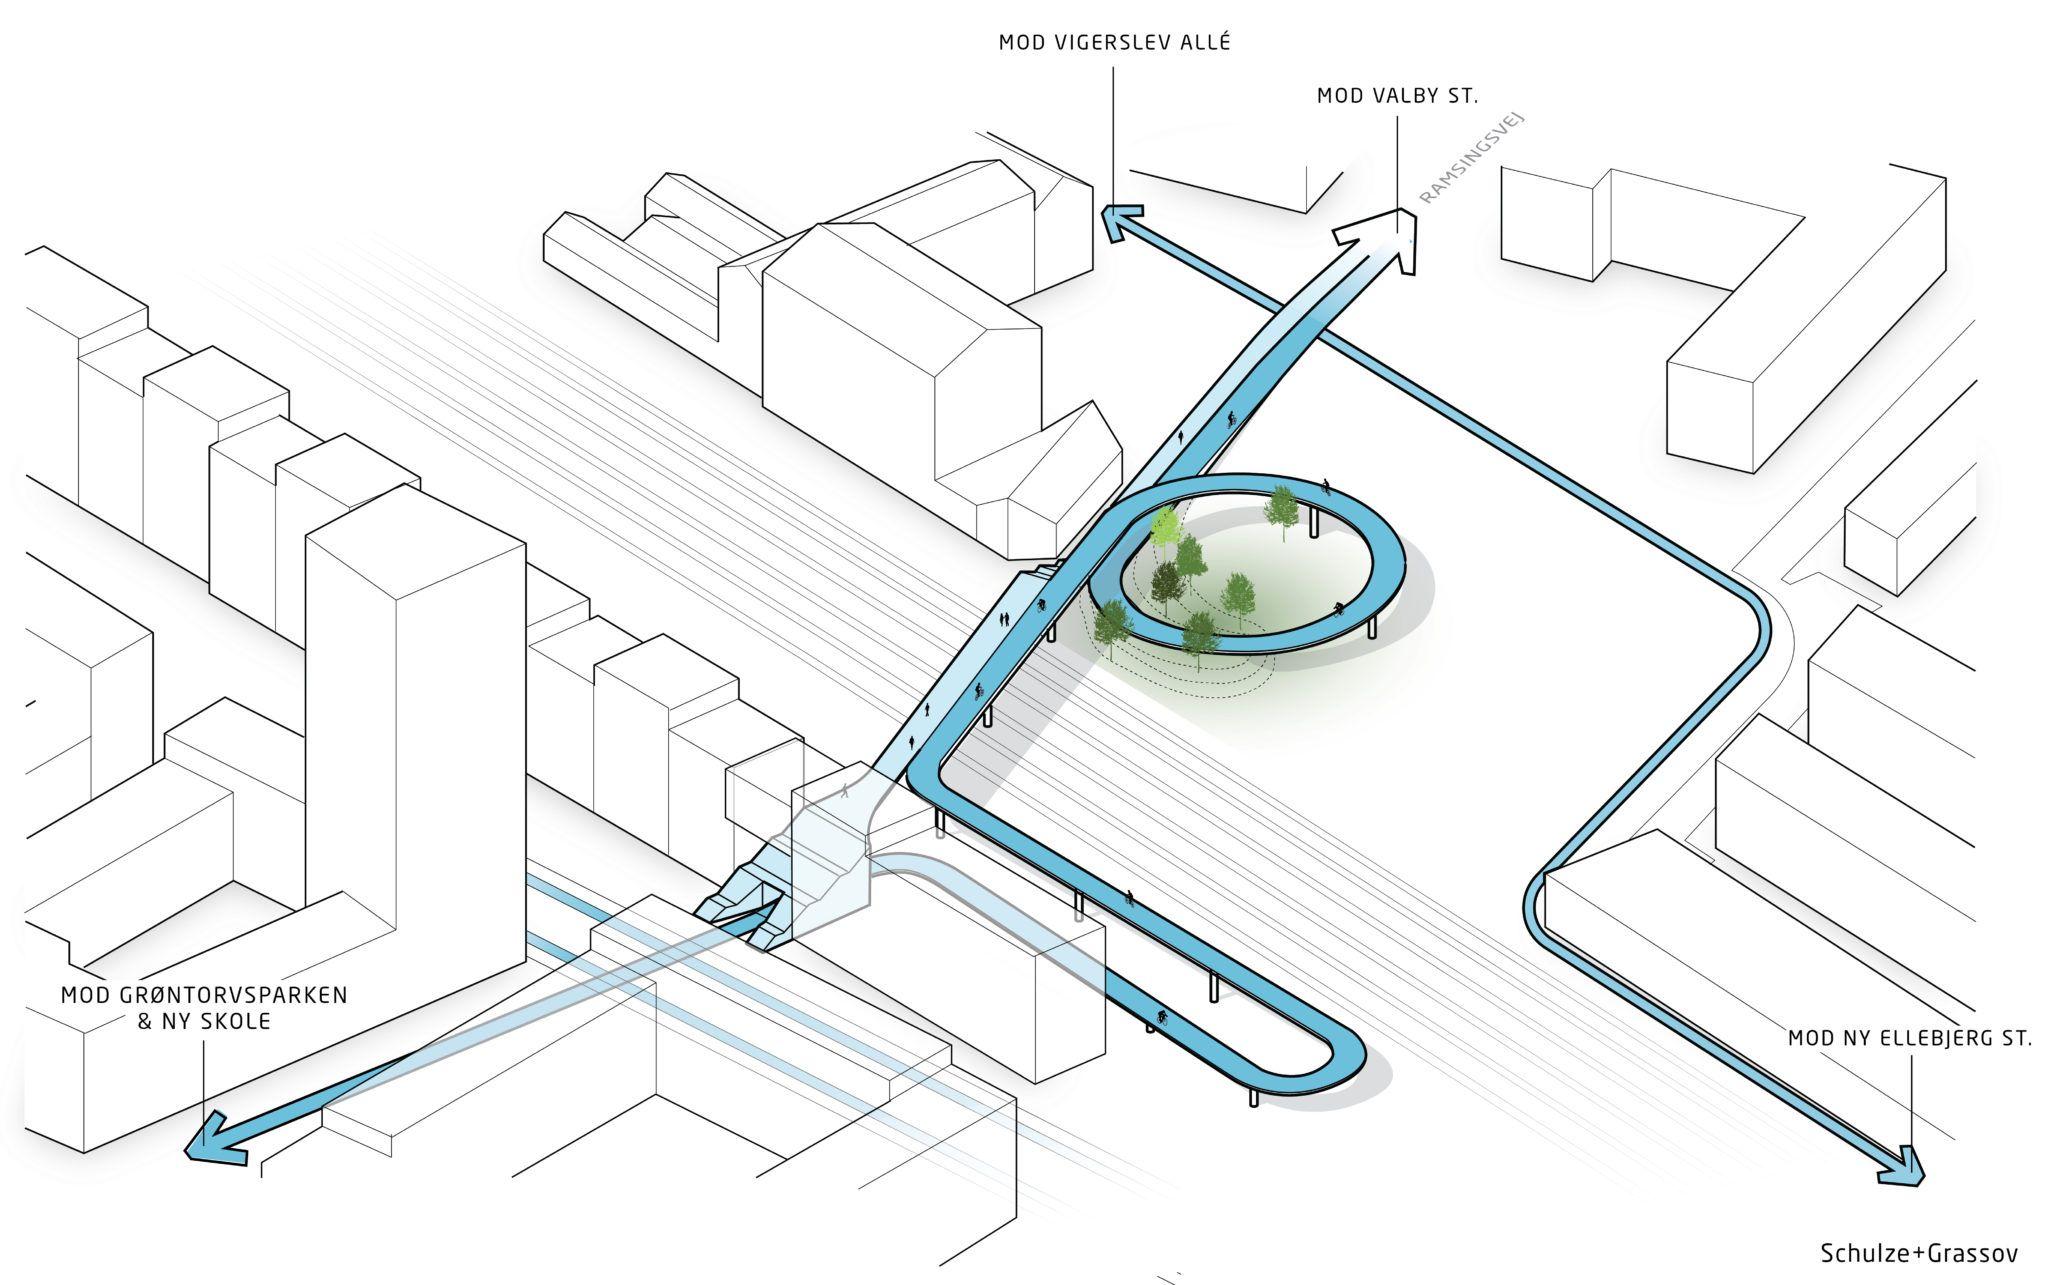 Bro Grønttorvet FLSmidth visualisering Diagram Schulze+Grassov